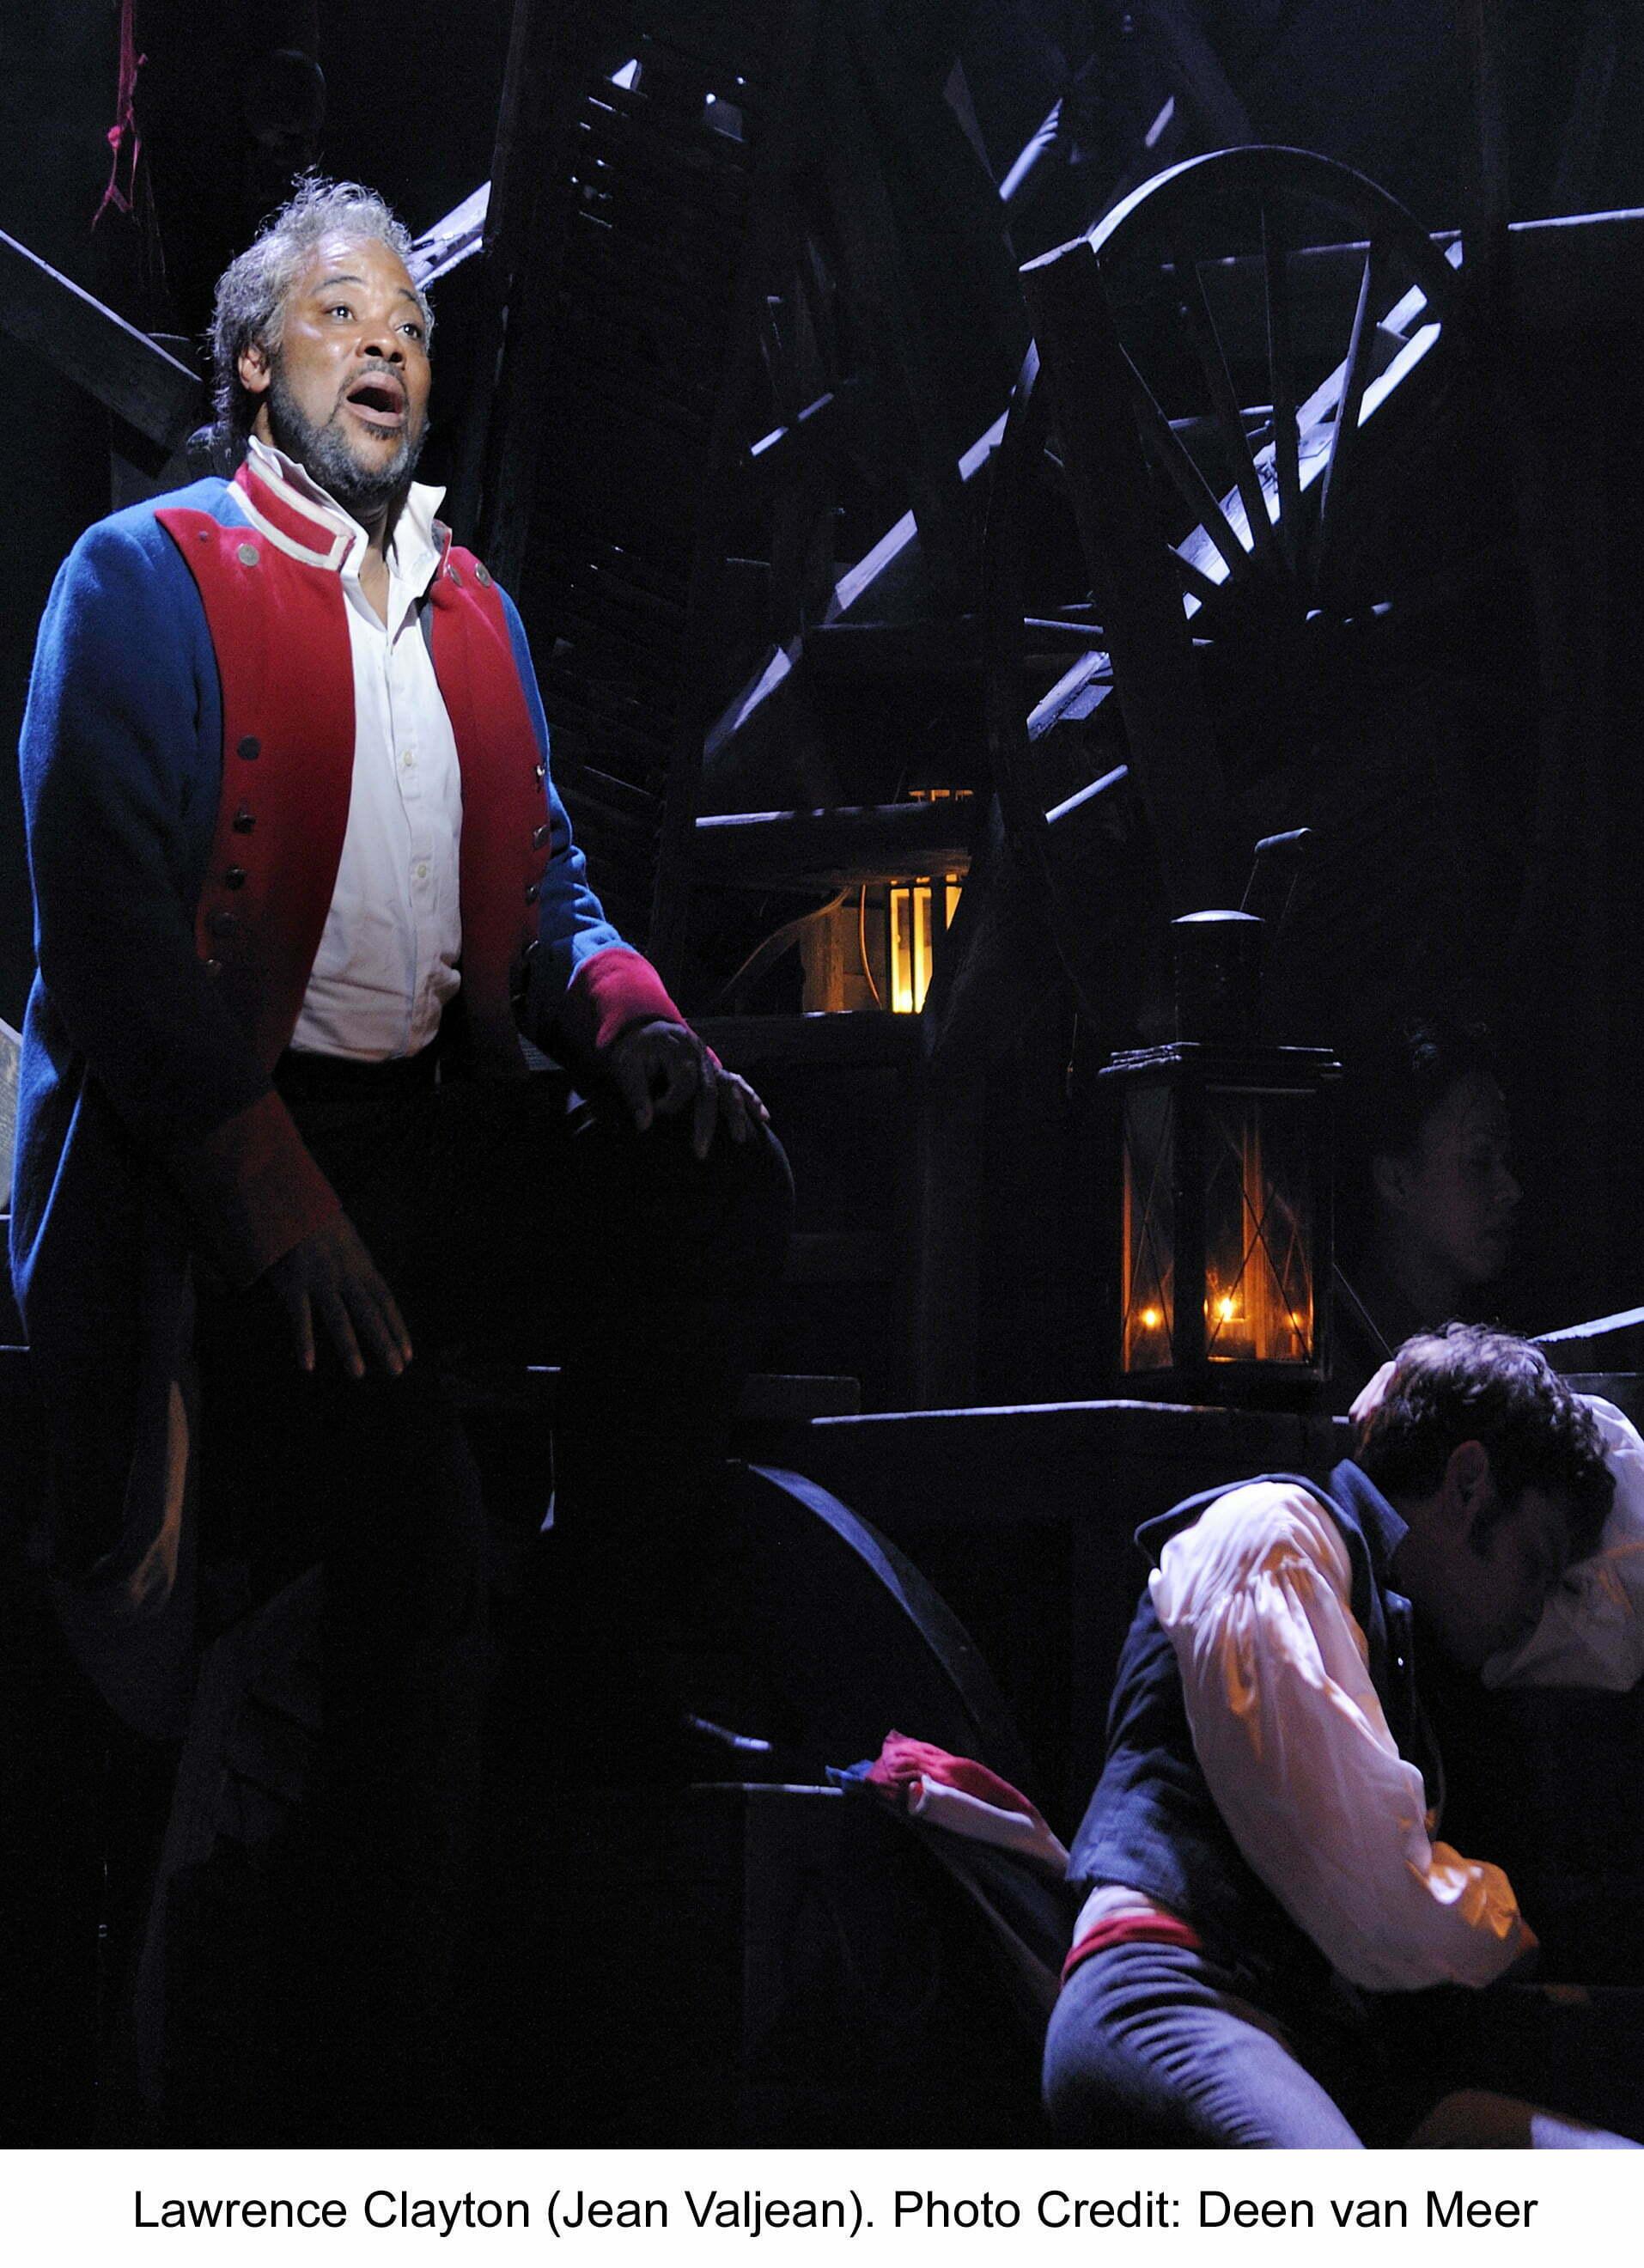 Bring Him Home les miserables national tour Theatre reviews